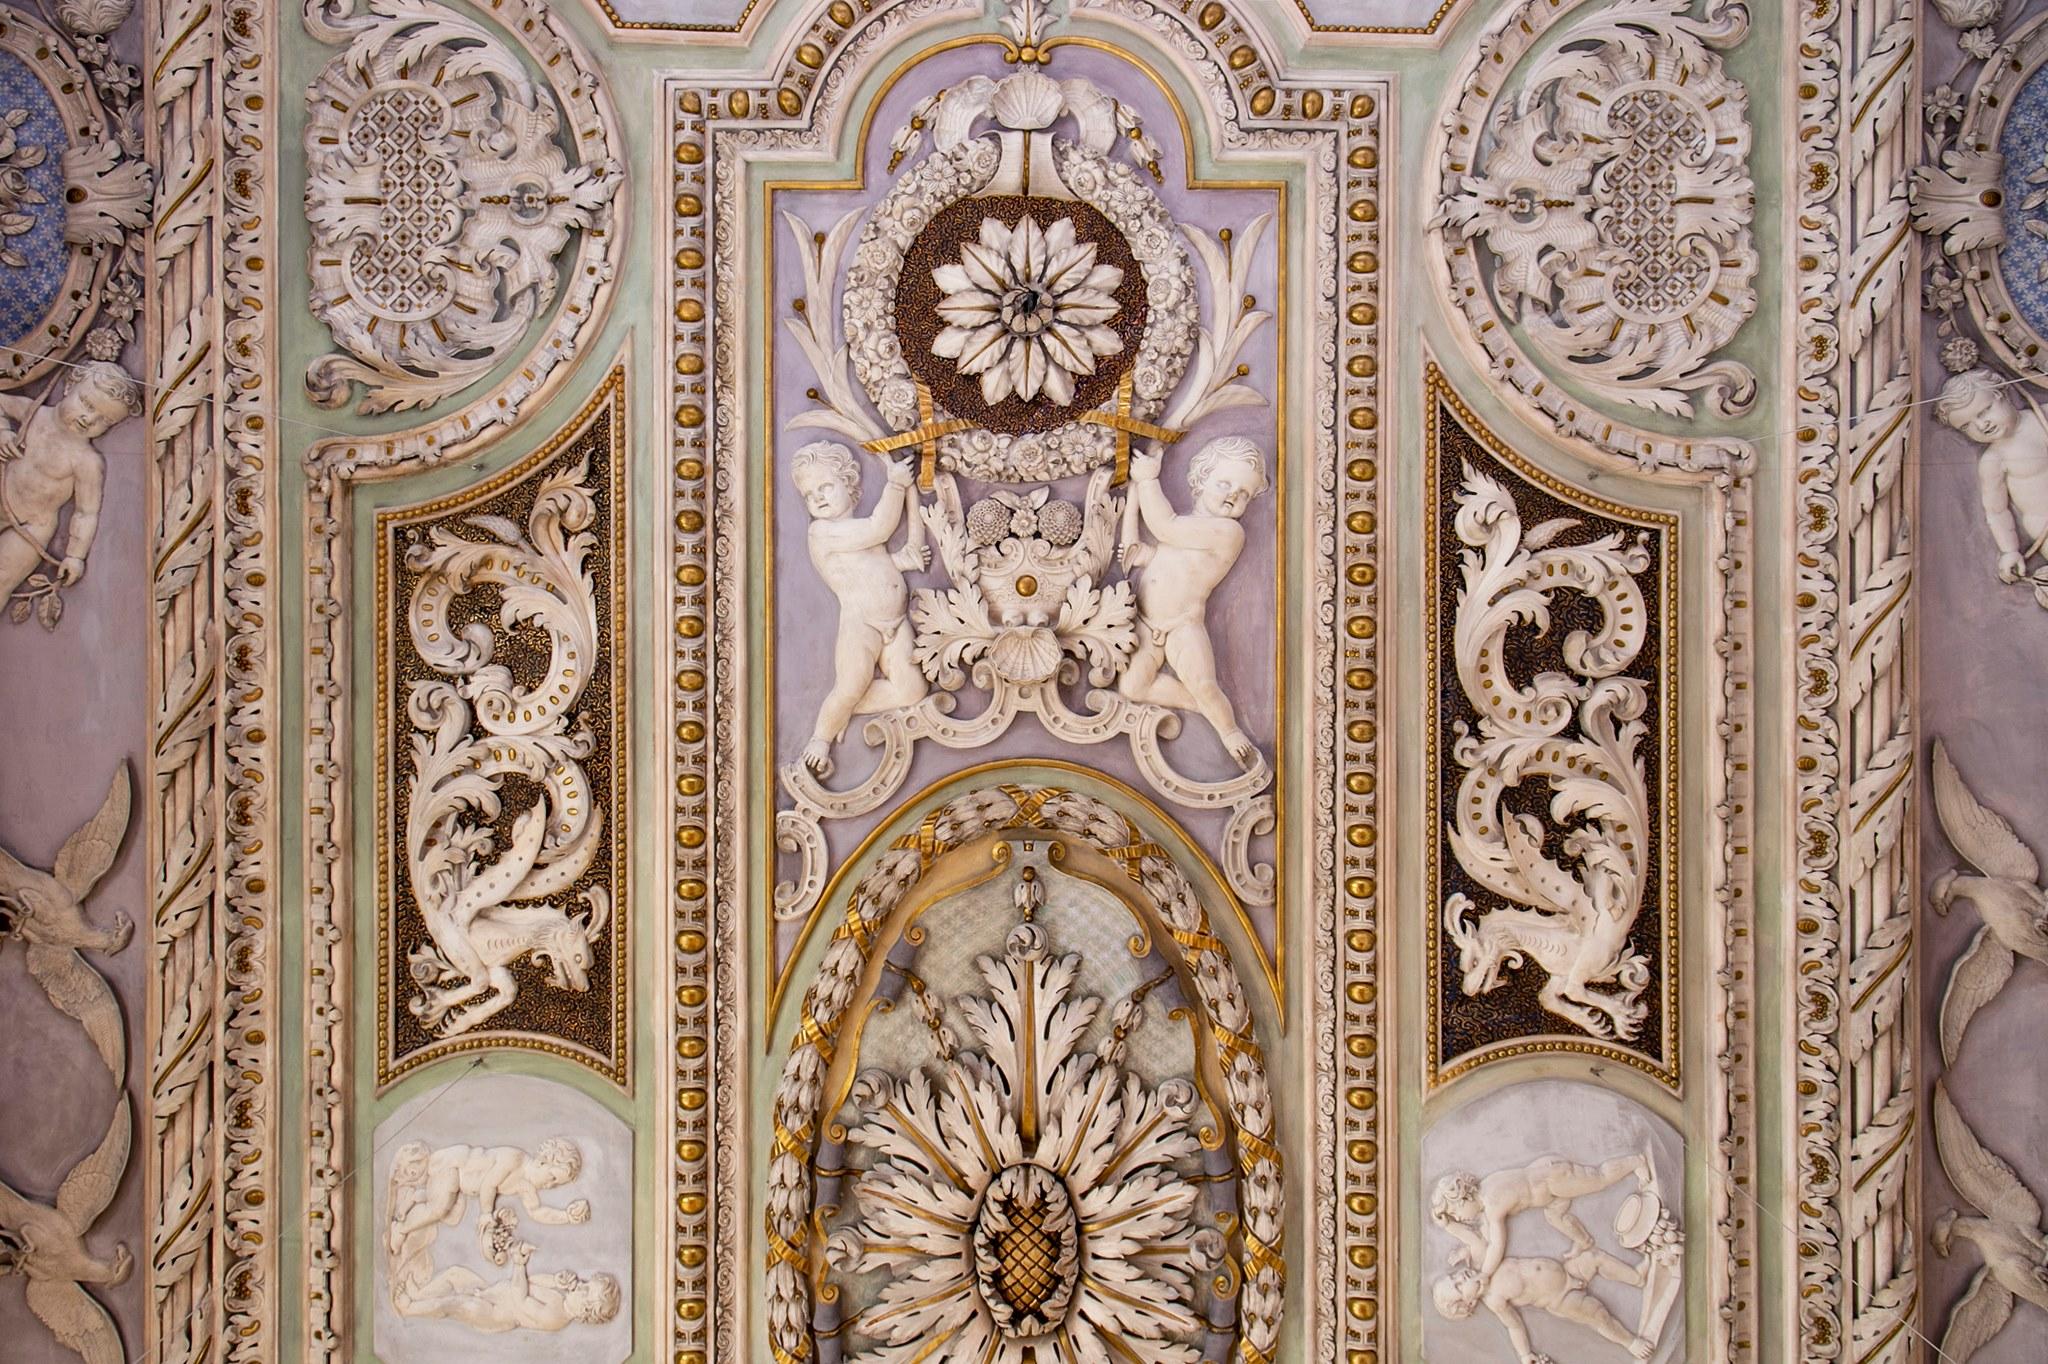 Brotéria / Palácio dos Marqueses de Tomar | Visita guiada temática